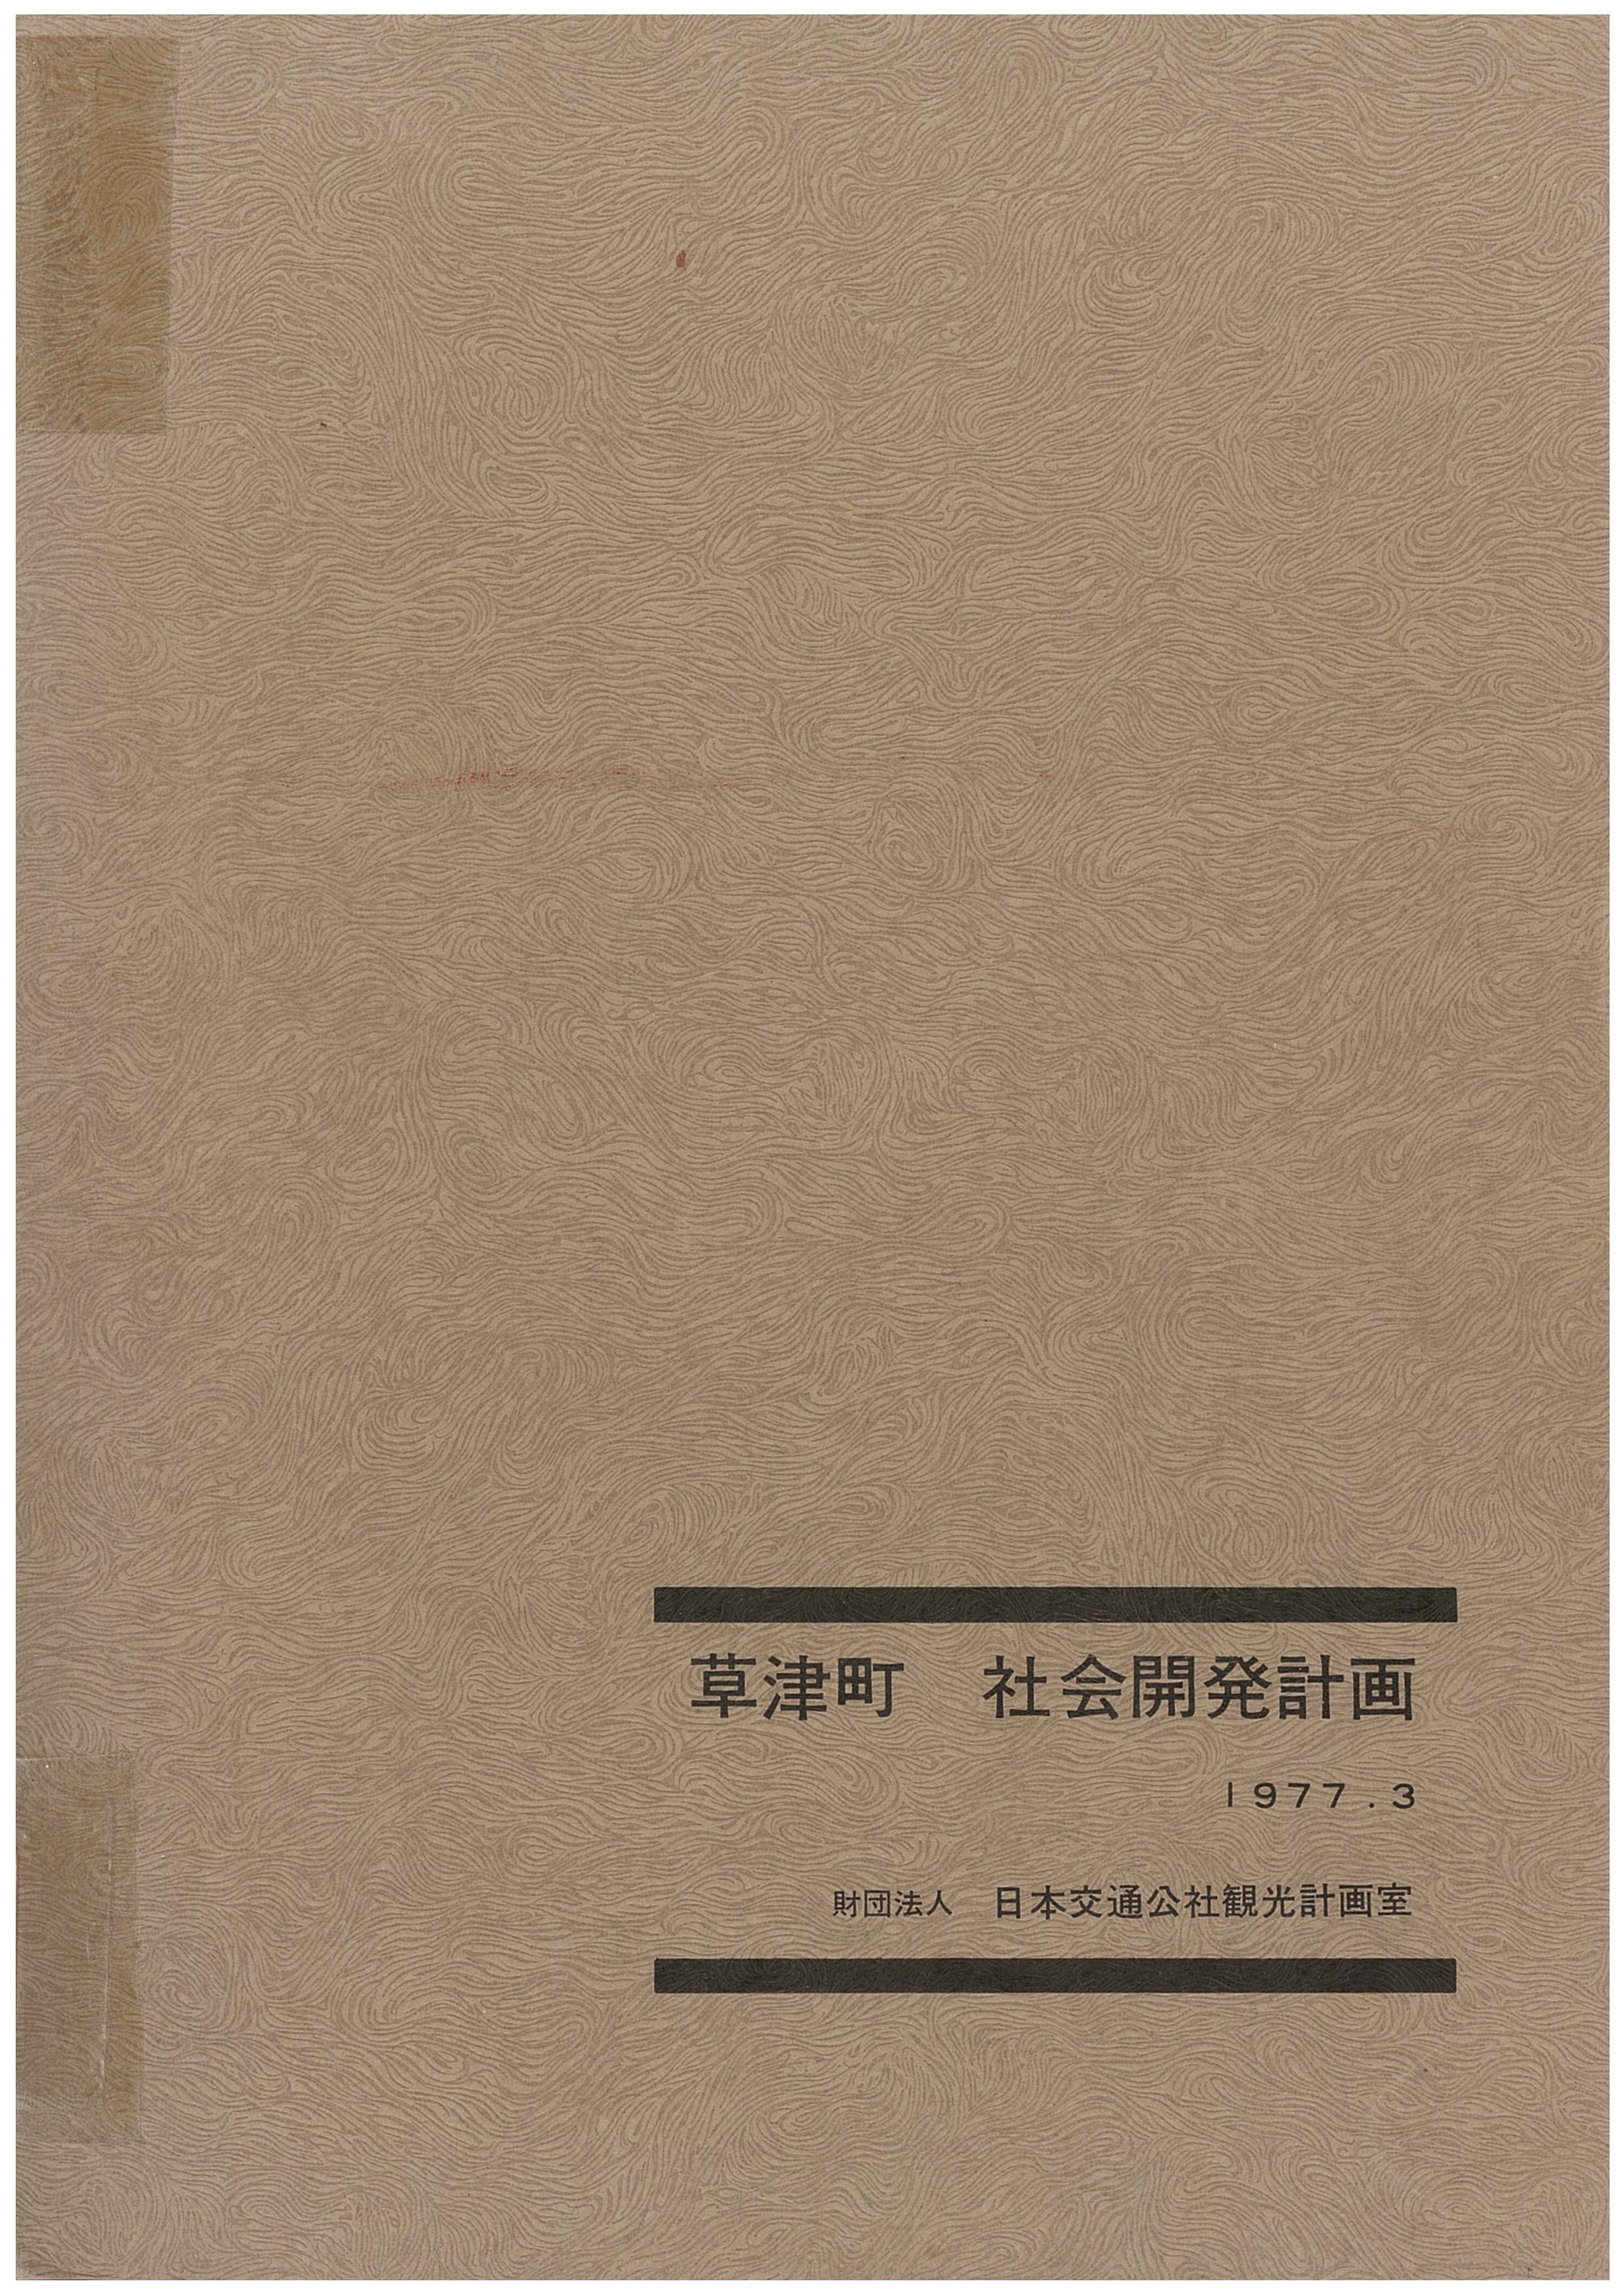 図5 草津町 社会開発計画 1977.3 財団法人日本交通公社 観光計画室